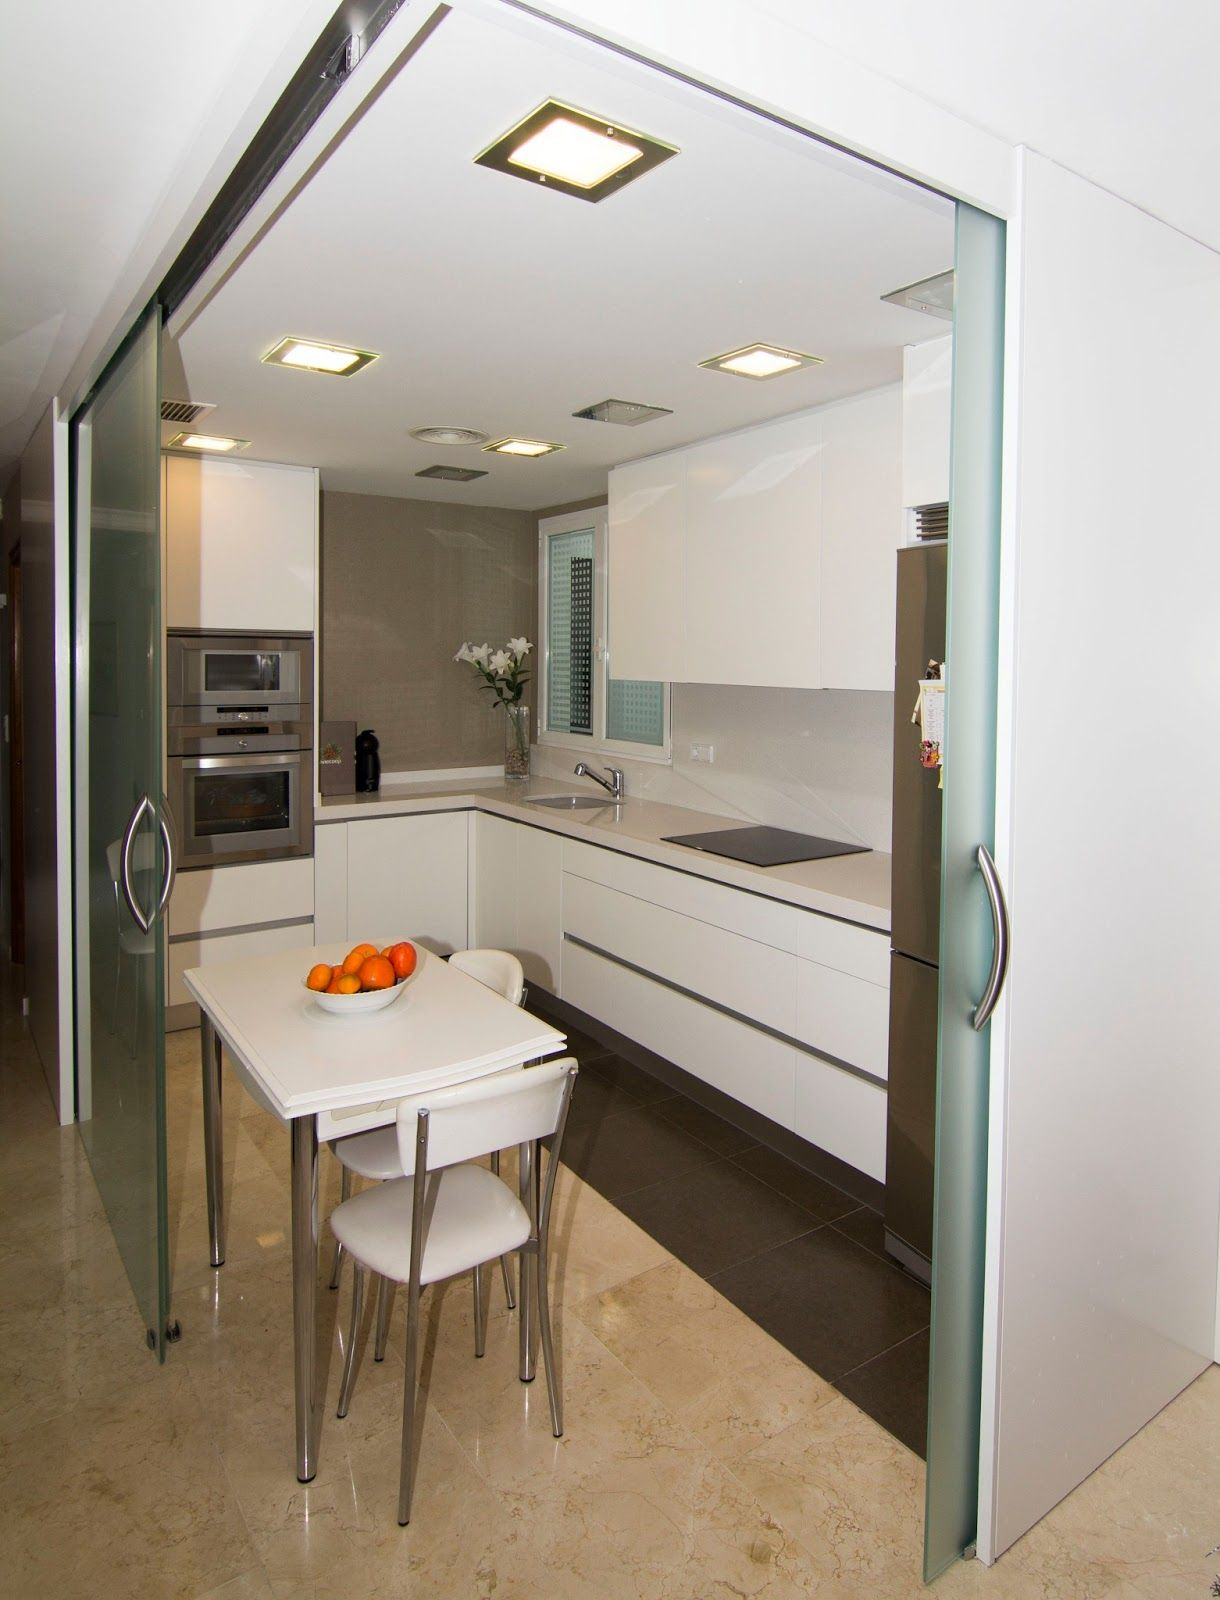 Nivel diez cocina abierta al sal n deco tabiques - Cocina salon separados cristal ...